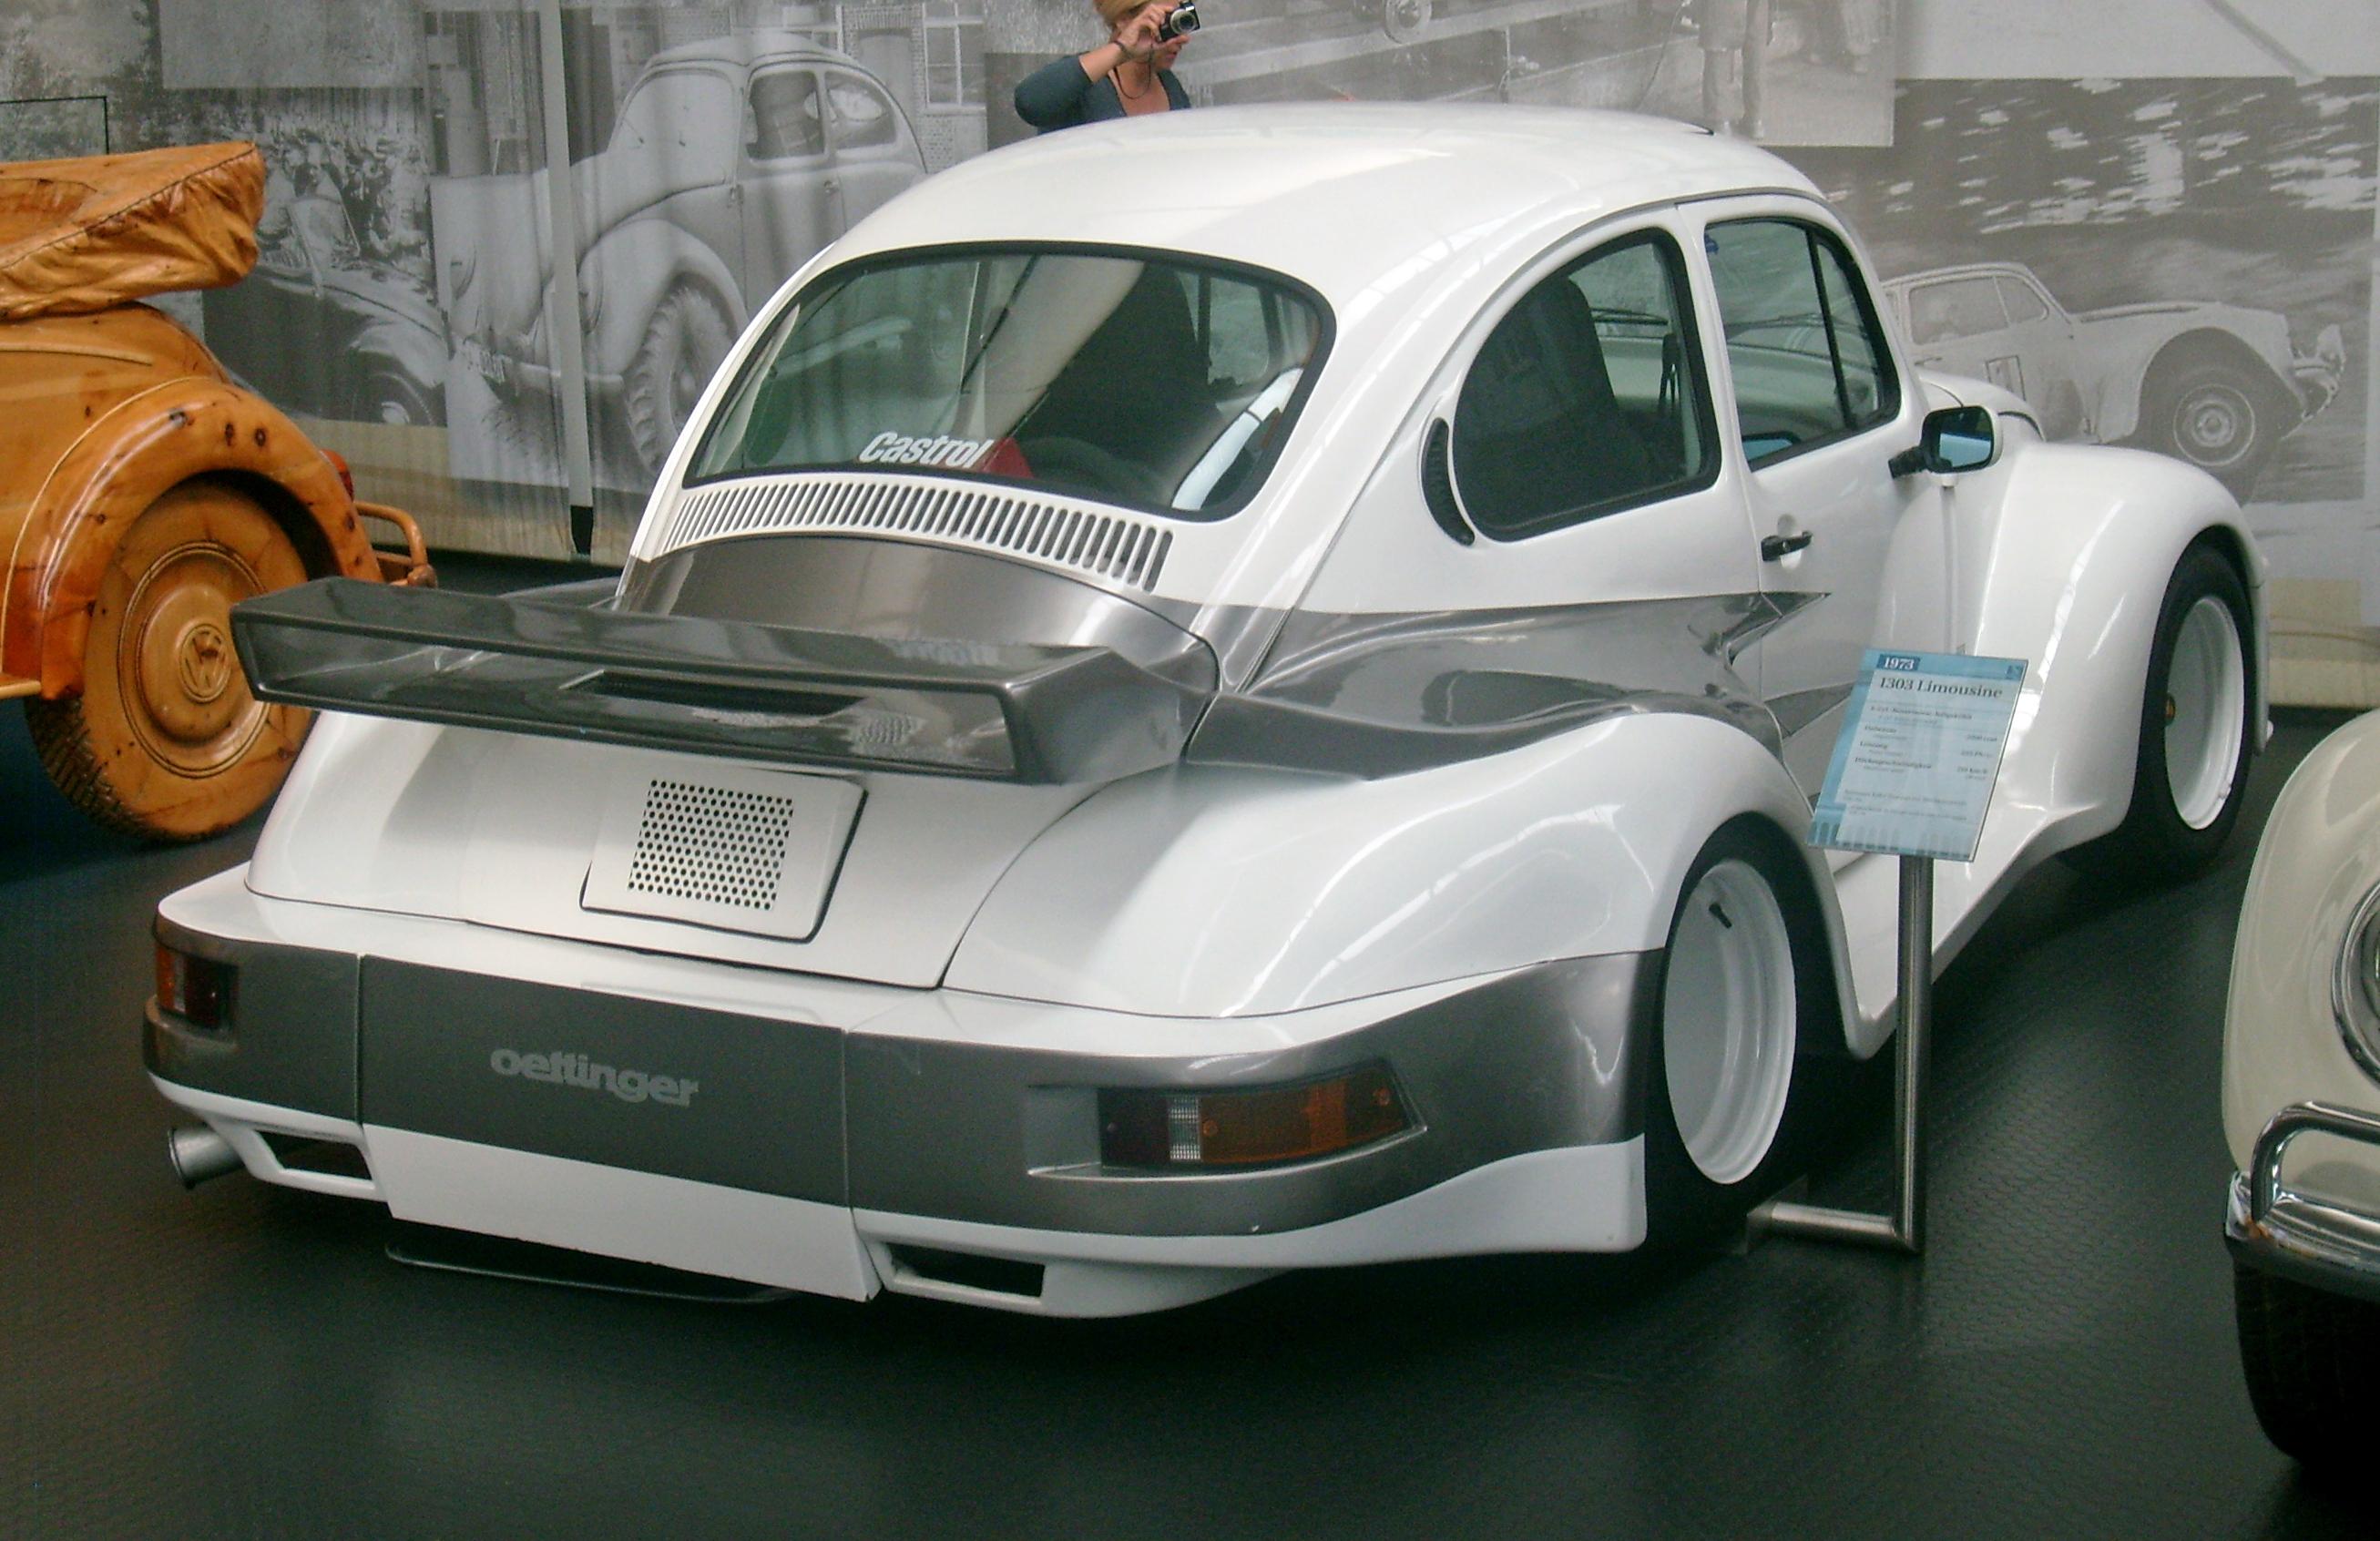 File:Oettinger VW 1303 1973.jpg